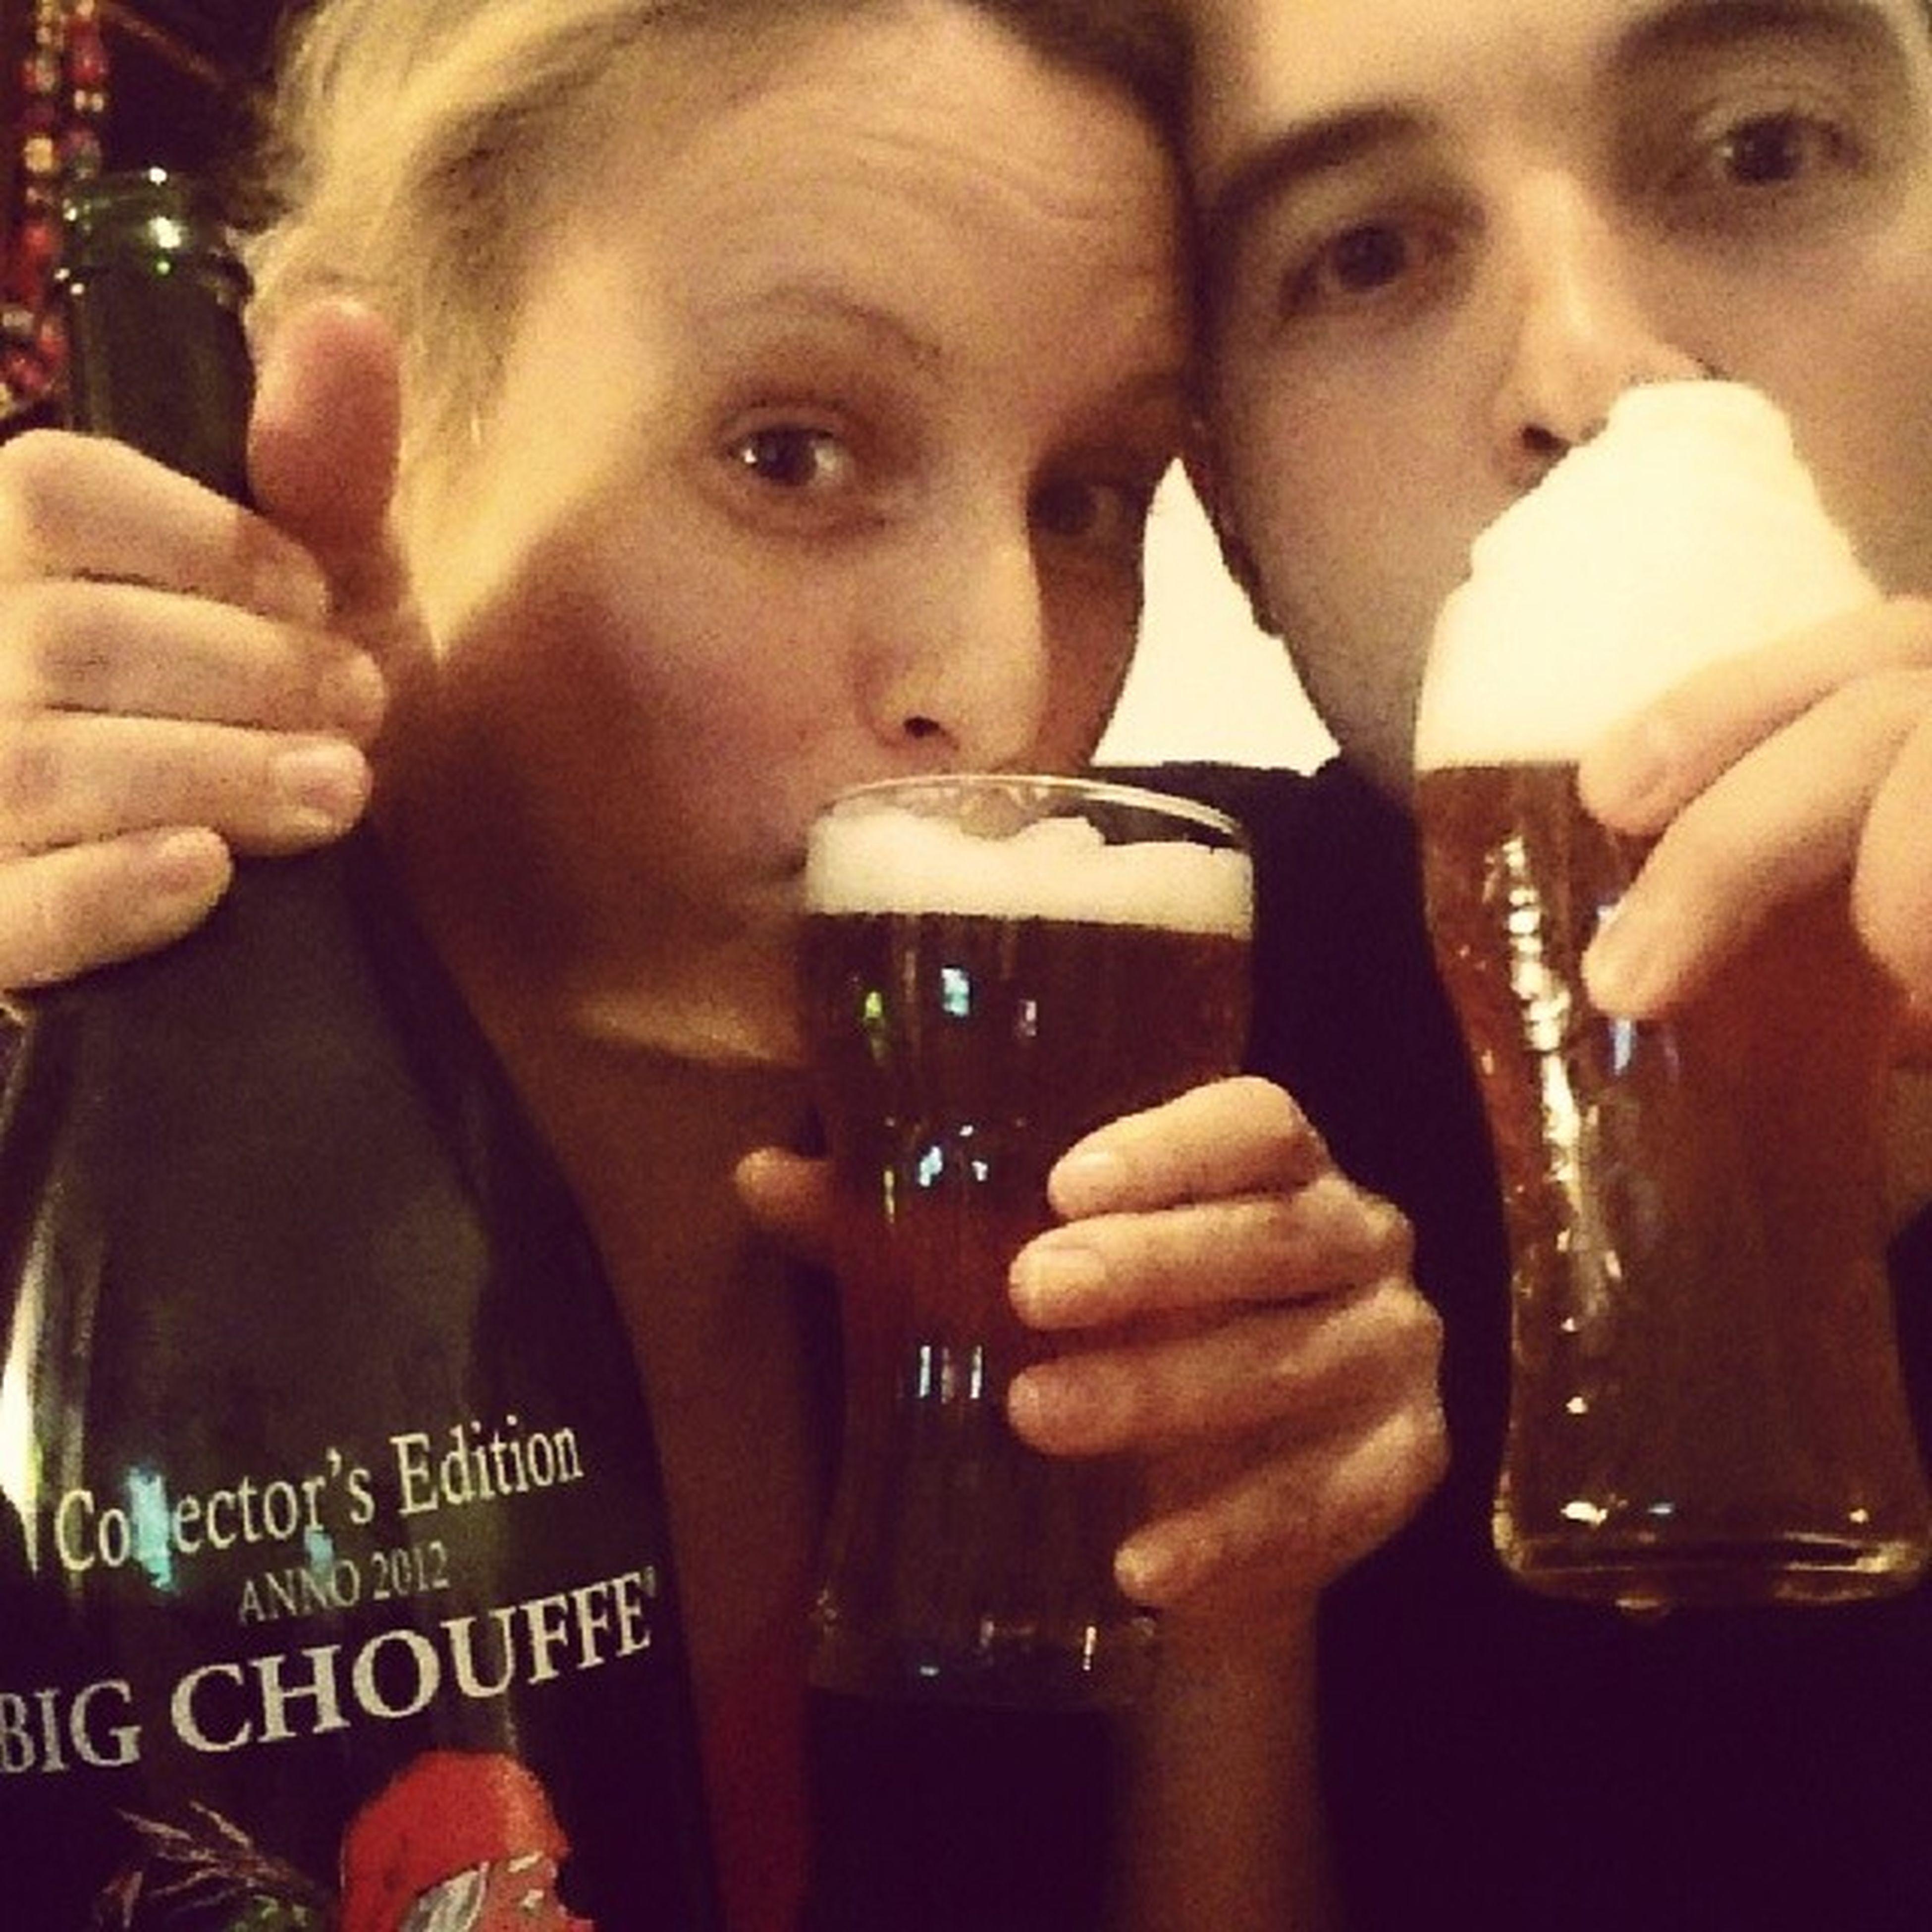 Belgian beer galore :-) Bigchouffe Chouffe Belgianbeer Bestbeer